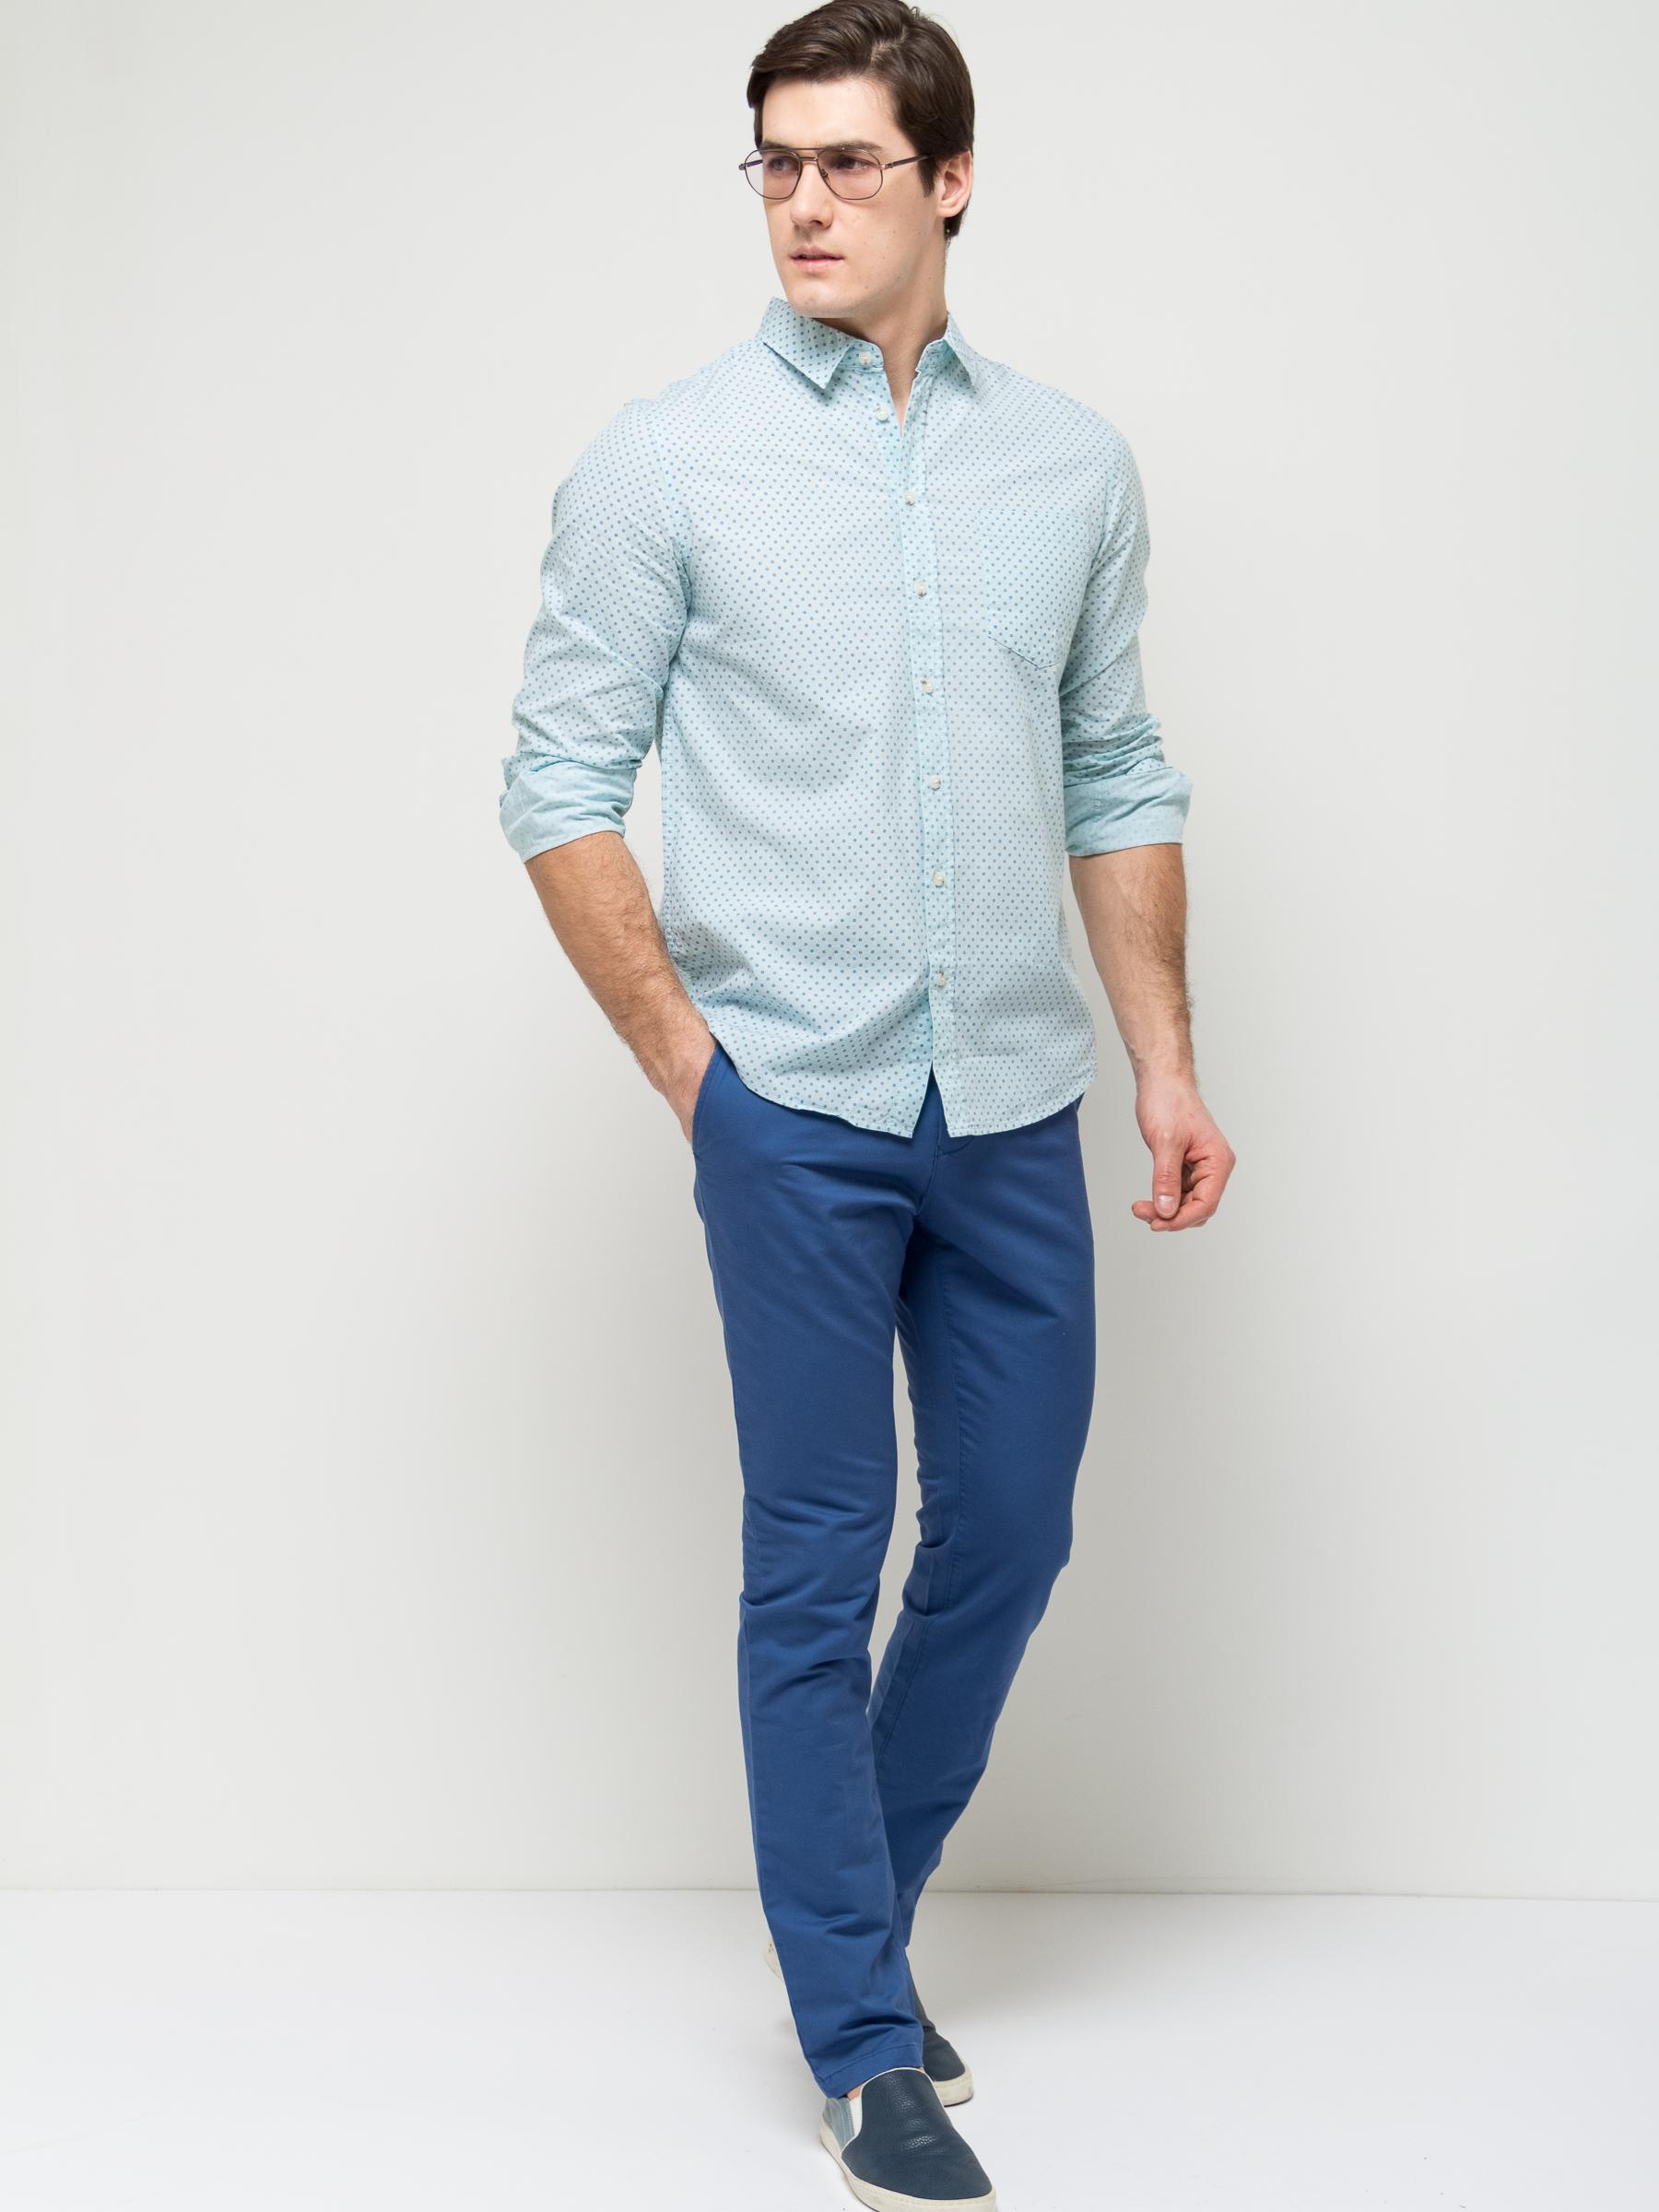 Рубашка мужская Sela, цвет: дымчатый ментол. H-212/749-7112. Размер 41 (48)H-212/749-7112Стильная мужская рубашка Sela выполнена из натурального хлопка и оформлена принтом в мелкий горошек. Модель полуприлегающего кроя с длинными рукавами и отложным воротничком застегивается на пуговицы и дополнена накладным карманом на груди. Манжеты рукавов также дополнены пуговицами.Яркий цвет модели позволяет создавать стильные образы.